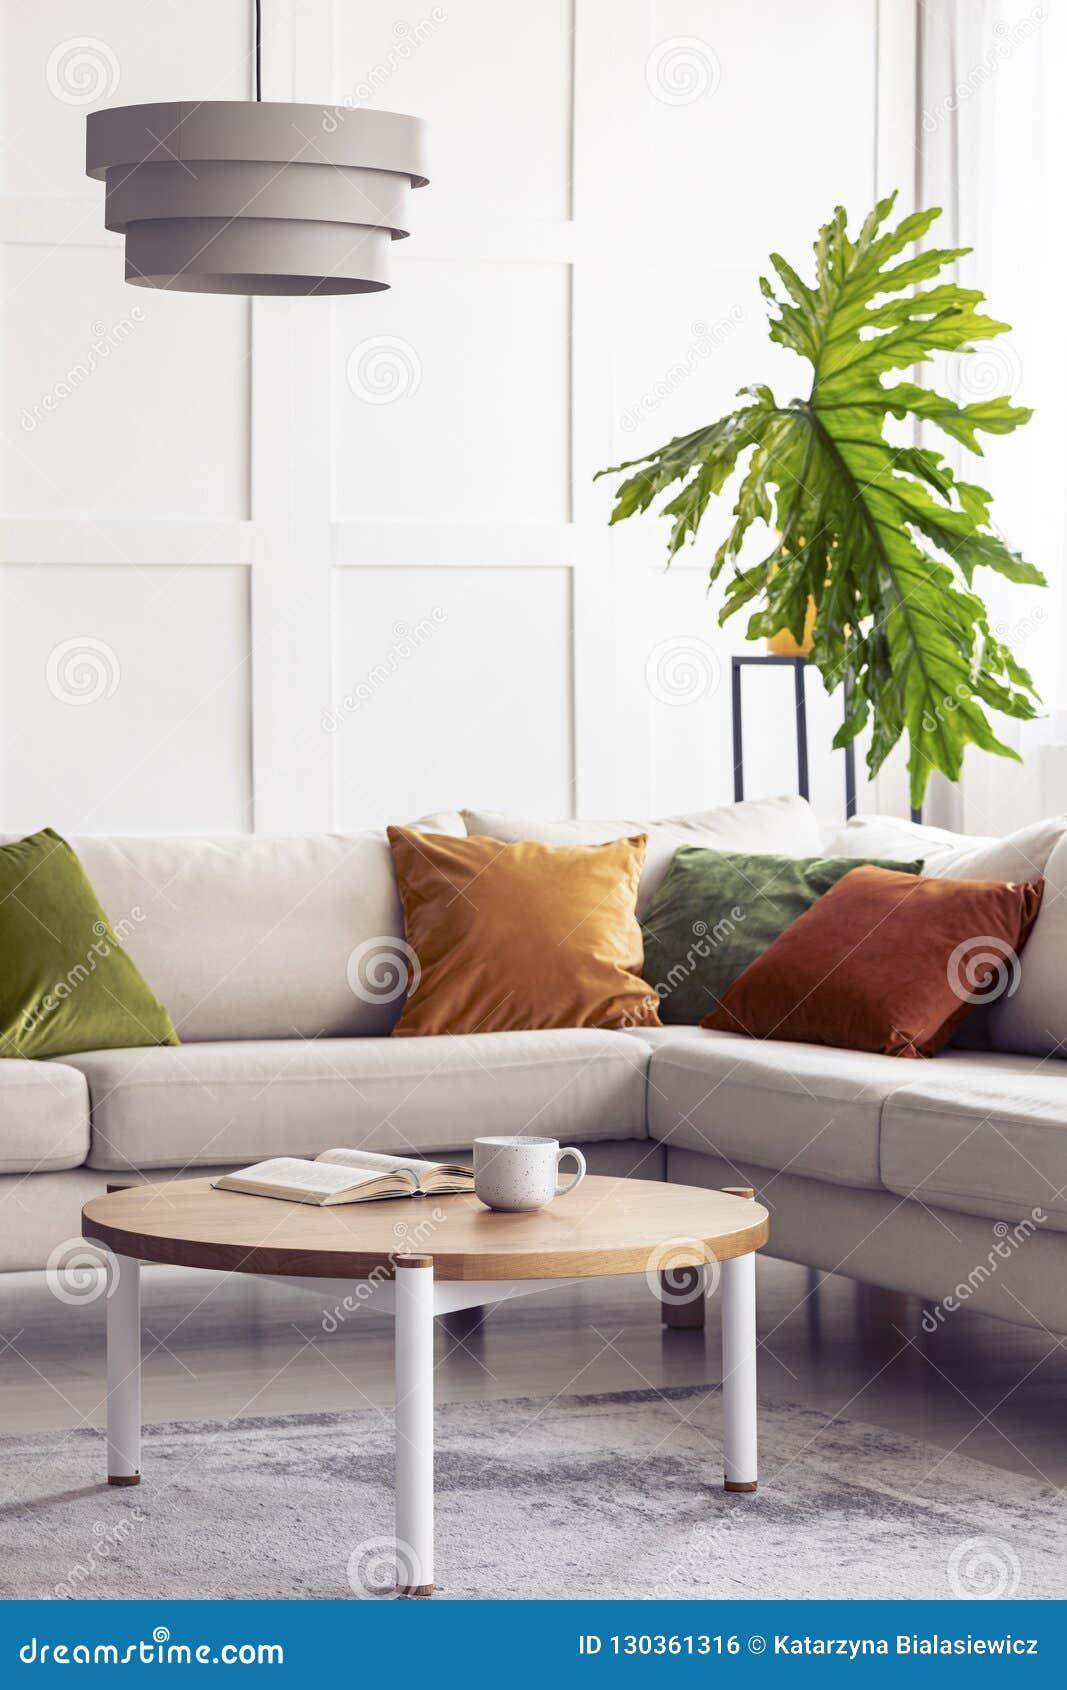 Folha verde grande e lâmpada branca simples acima do sofá de canto no interior colorido da sala de visitas, foto real